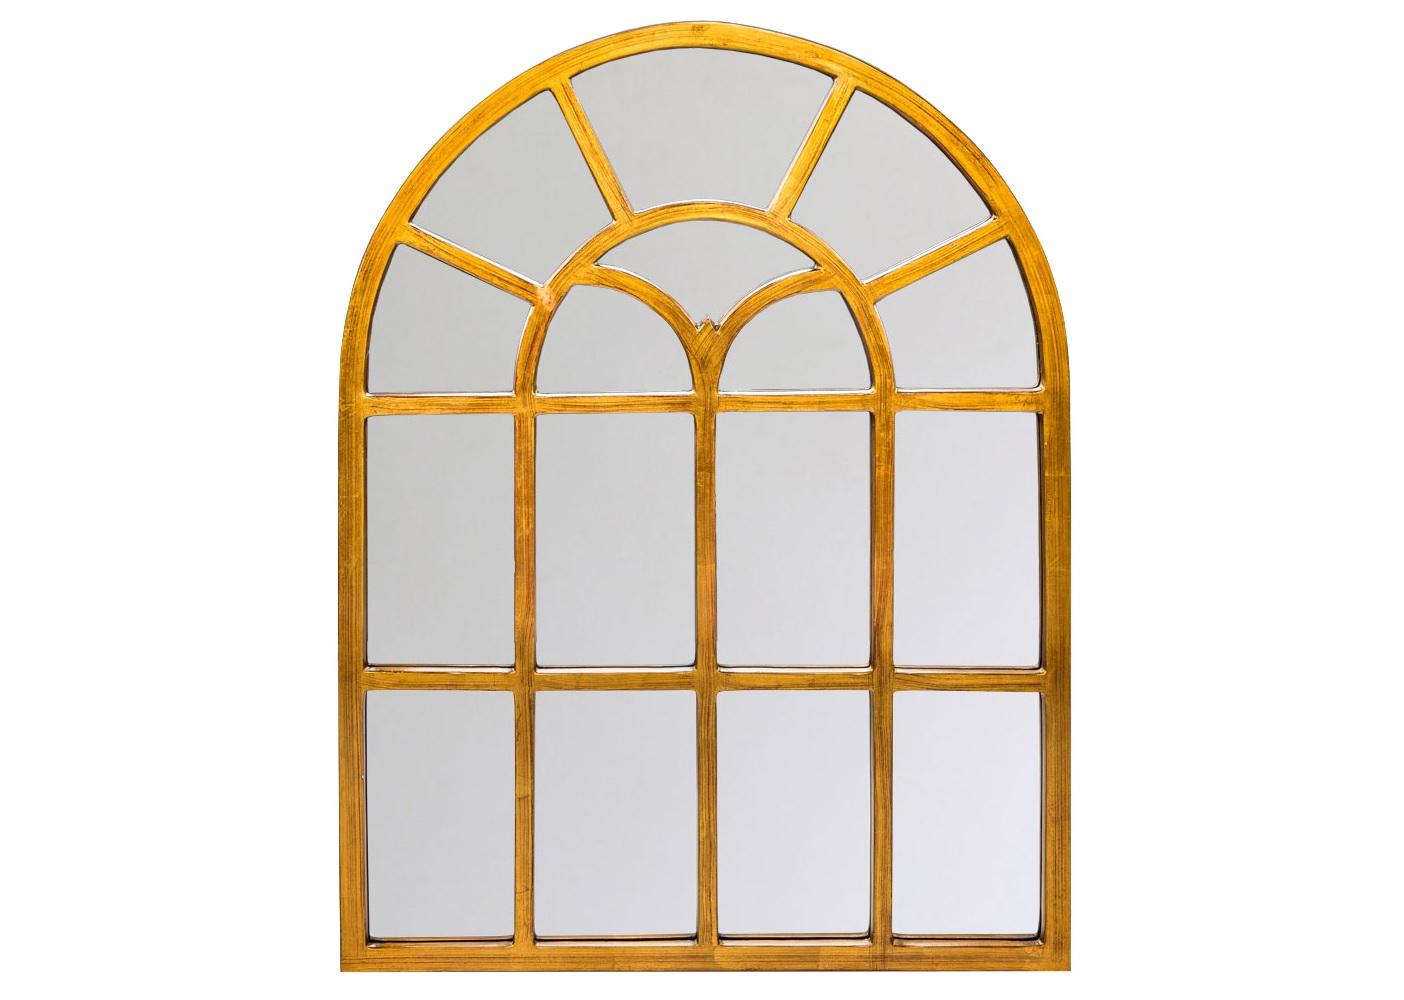 Настенное зеркало КастильонНастенные зеркала<br>Зеркало &amp;quot;Кастильон&amp;quot; спешит украсить  авангардные интерьеры &amp;quot;лофт&amp;quot;, &amp;quot;индастриал&amp;quot;, &amp;quot;шале&amp;quot; и &amp;quot;модерн&amp;quot;. Приглушенный золотой тон создает атмосферу гармонии, позитивные эмоции. Мода на компактные предметы интерьера никак не относится к зеркалу, для которого размер важен не меньше, чем дизайн. Зеркало имеет контурный фацет, покрыто серебряной амальгамой. Рама изготовлена из полиуретана, который  достоверно имитирует любые материалы. На первый взгляд оправа зеркала &amp;quot;Кастильон&amp;quot; не отличается от металлической.<br><br>Material: Полиуретан<br>Width см: 80.5<br>Depth см: 2<br>Height см: 106.2